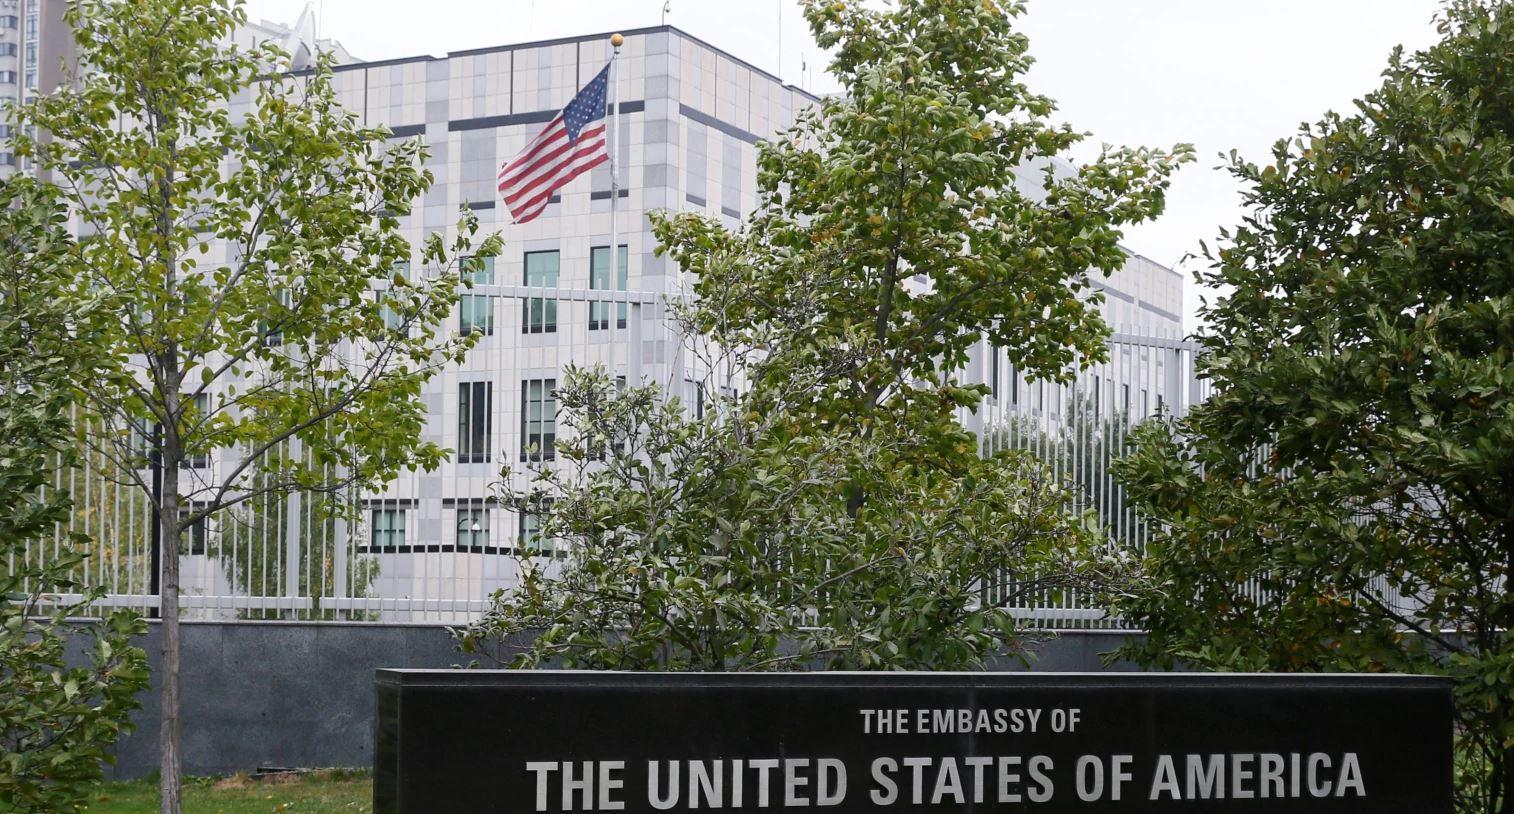 Njerëz me njohje apo eksperiencë; kush duhet të emërohet ambasador amerikan?